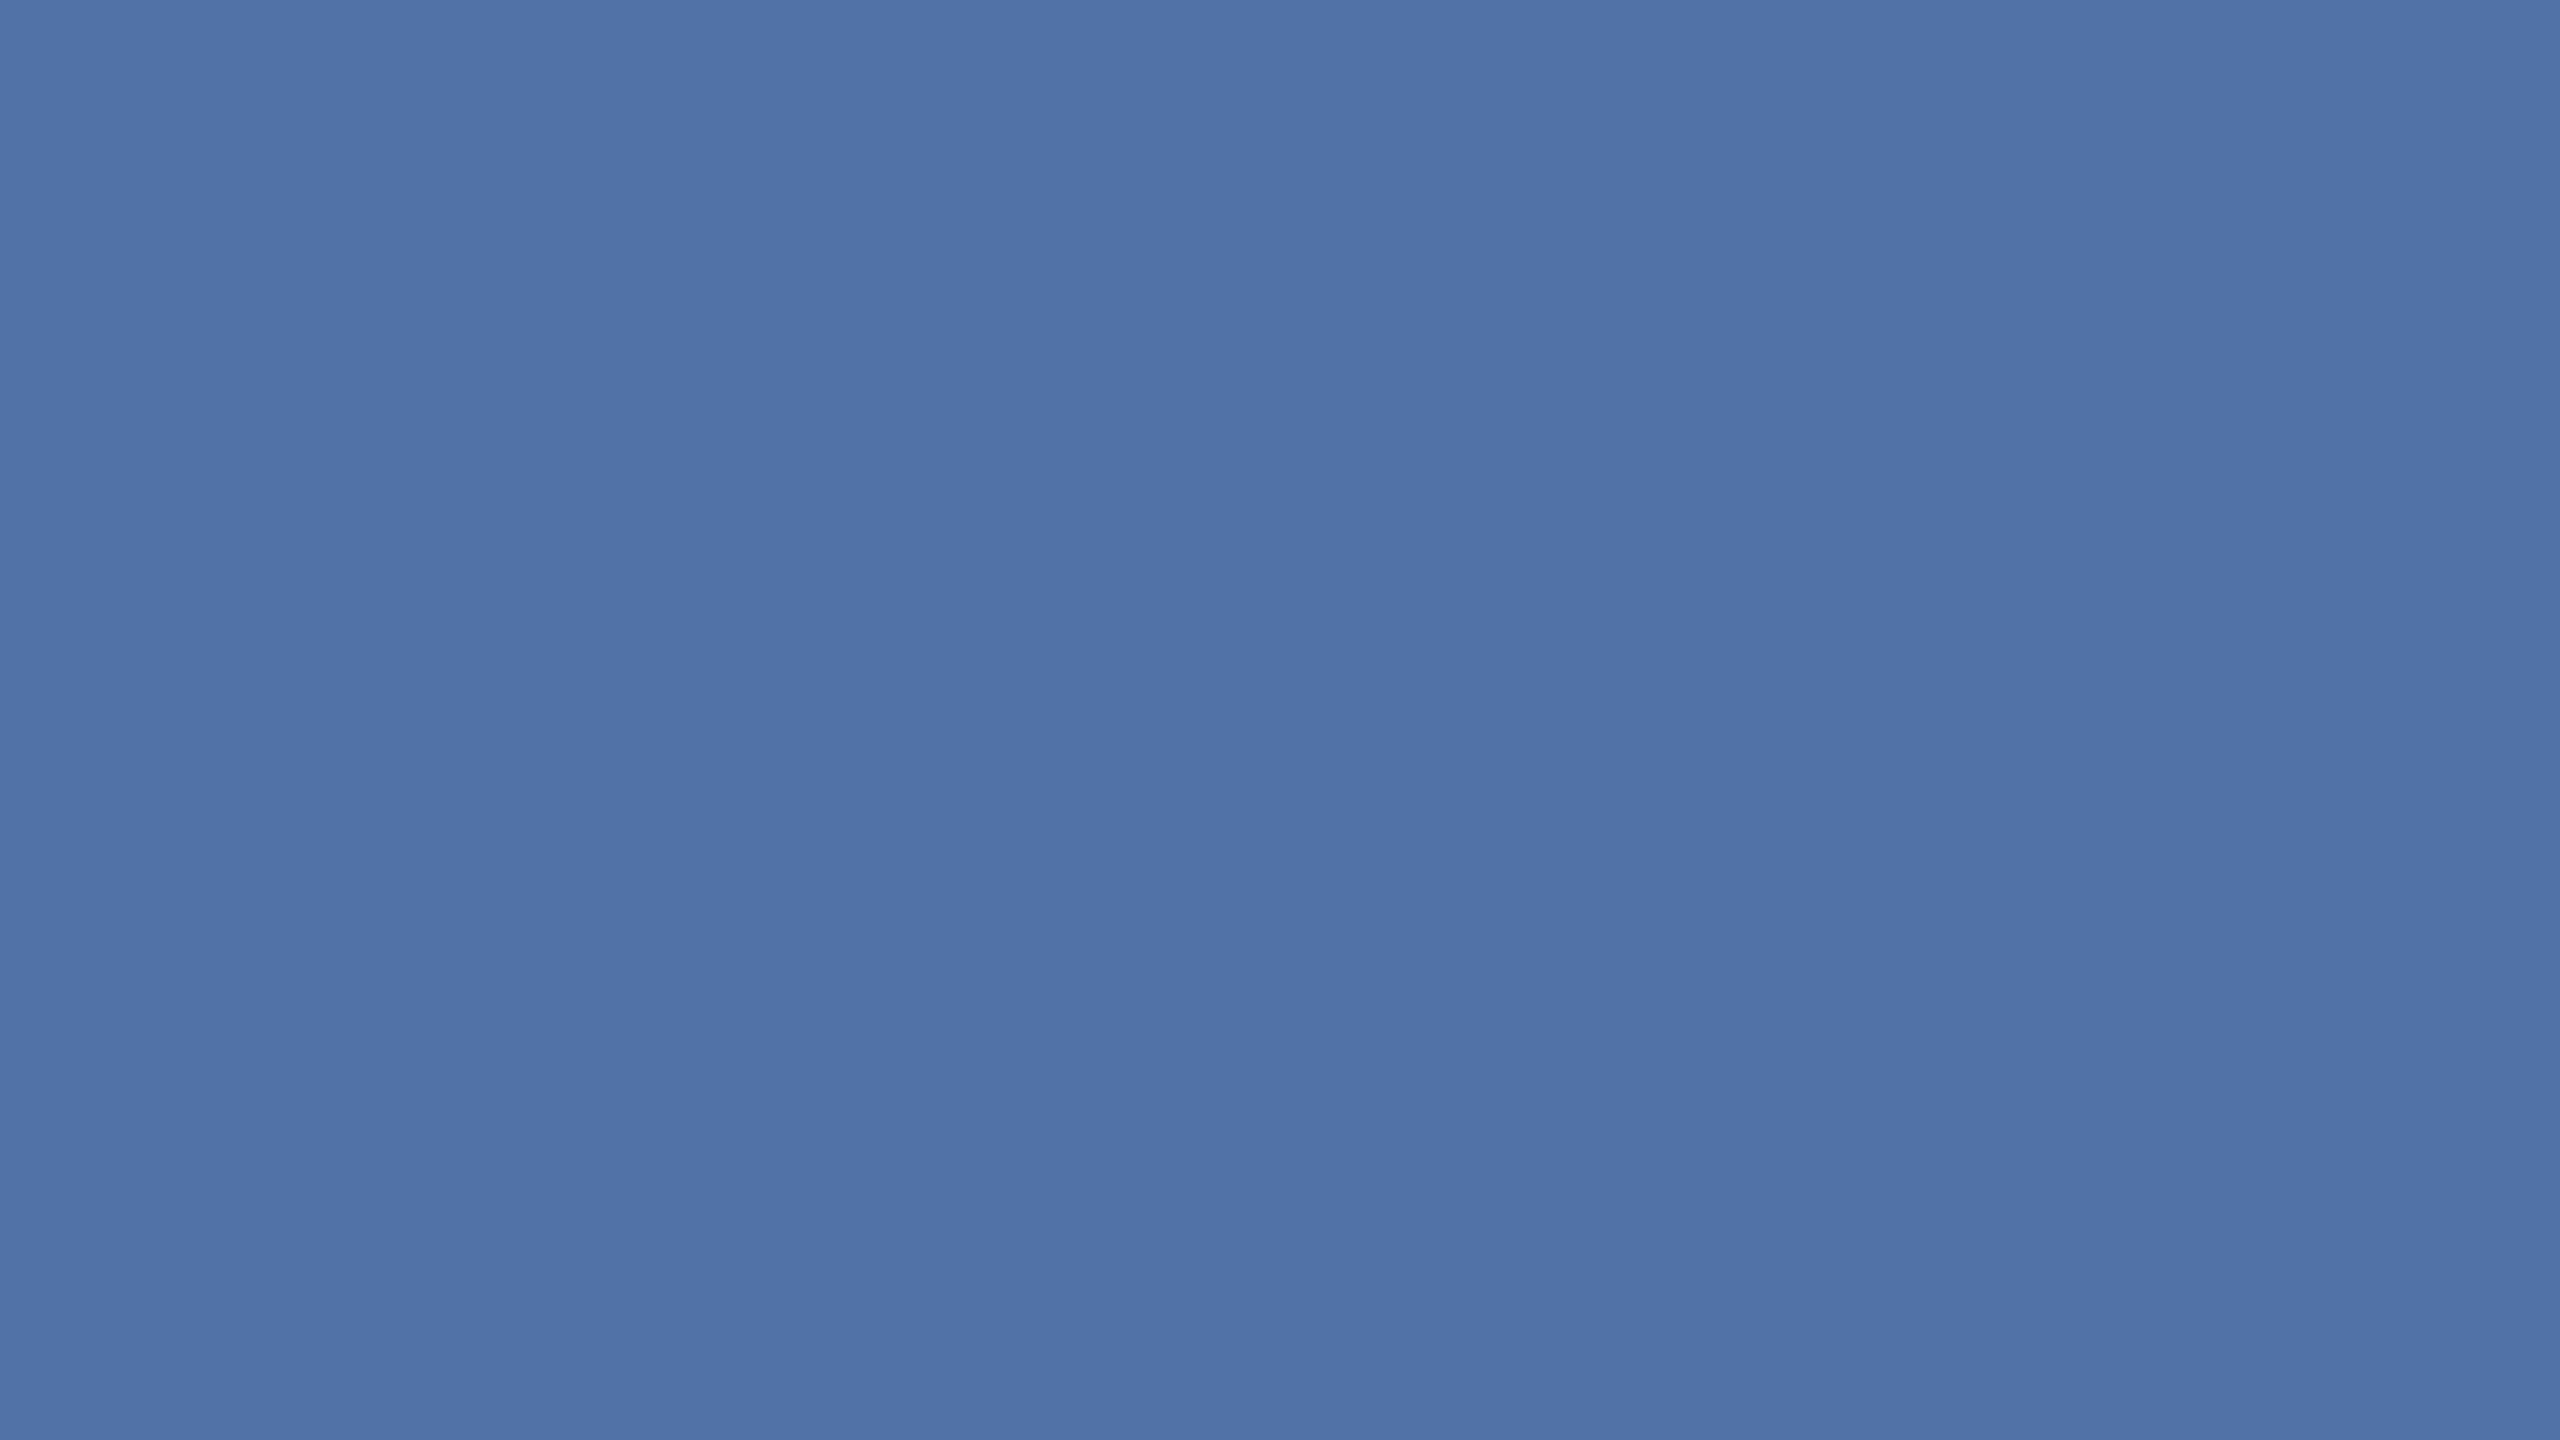 2560x1440 Blue Yonder Solid Color Background